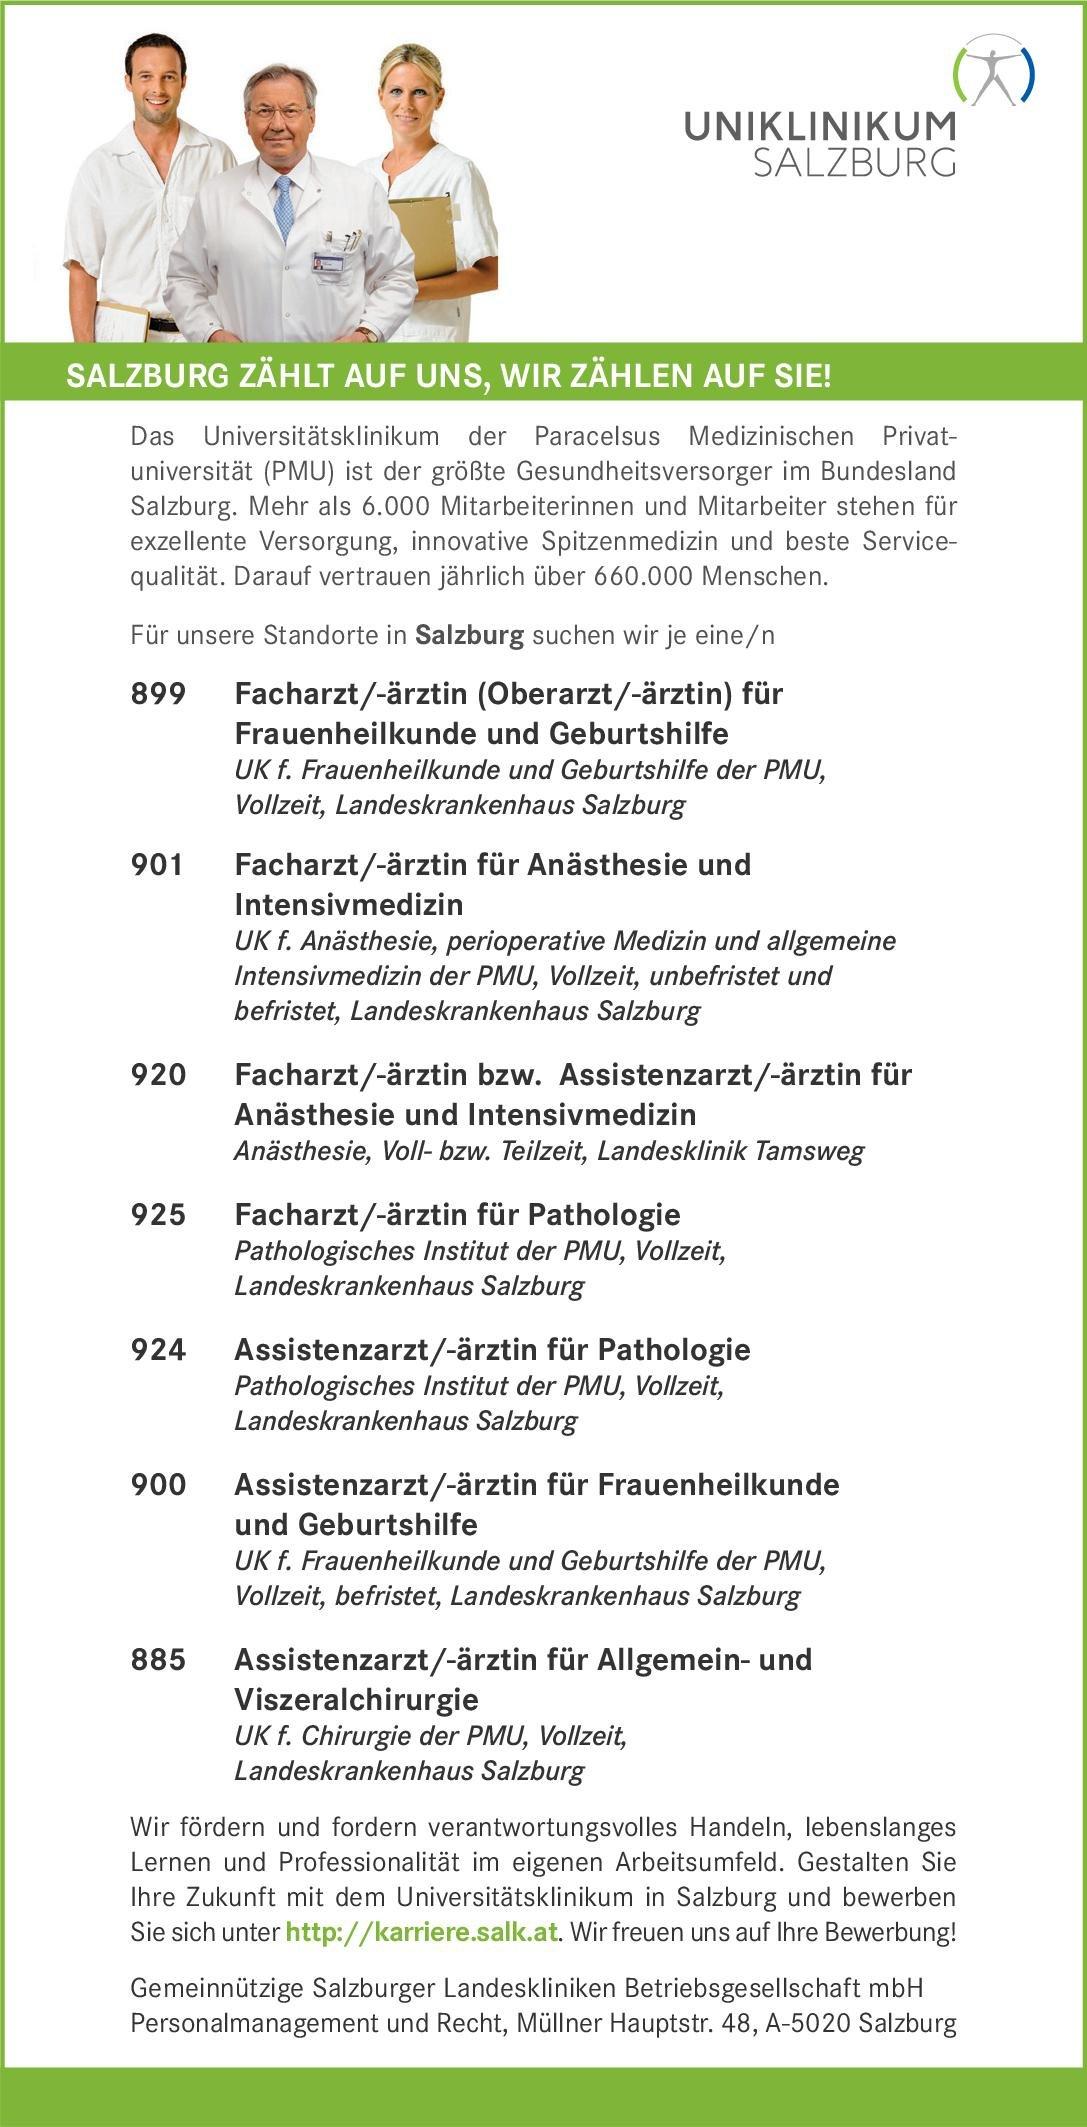 Gemeinnützige Salzburger Landeskliniken Facharzt/-ärztin für Anästhesie und Intensivmedizin Anästhesiologie / Intensivmedizin Arzt / Facharzt